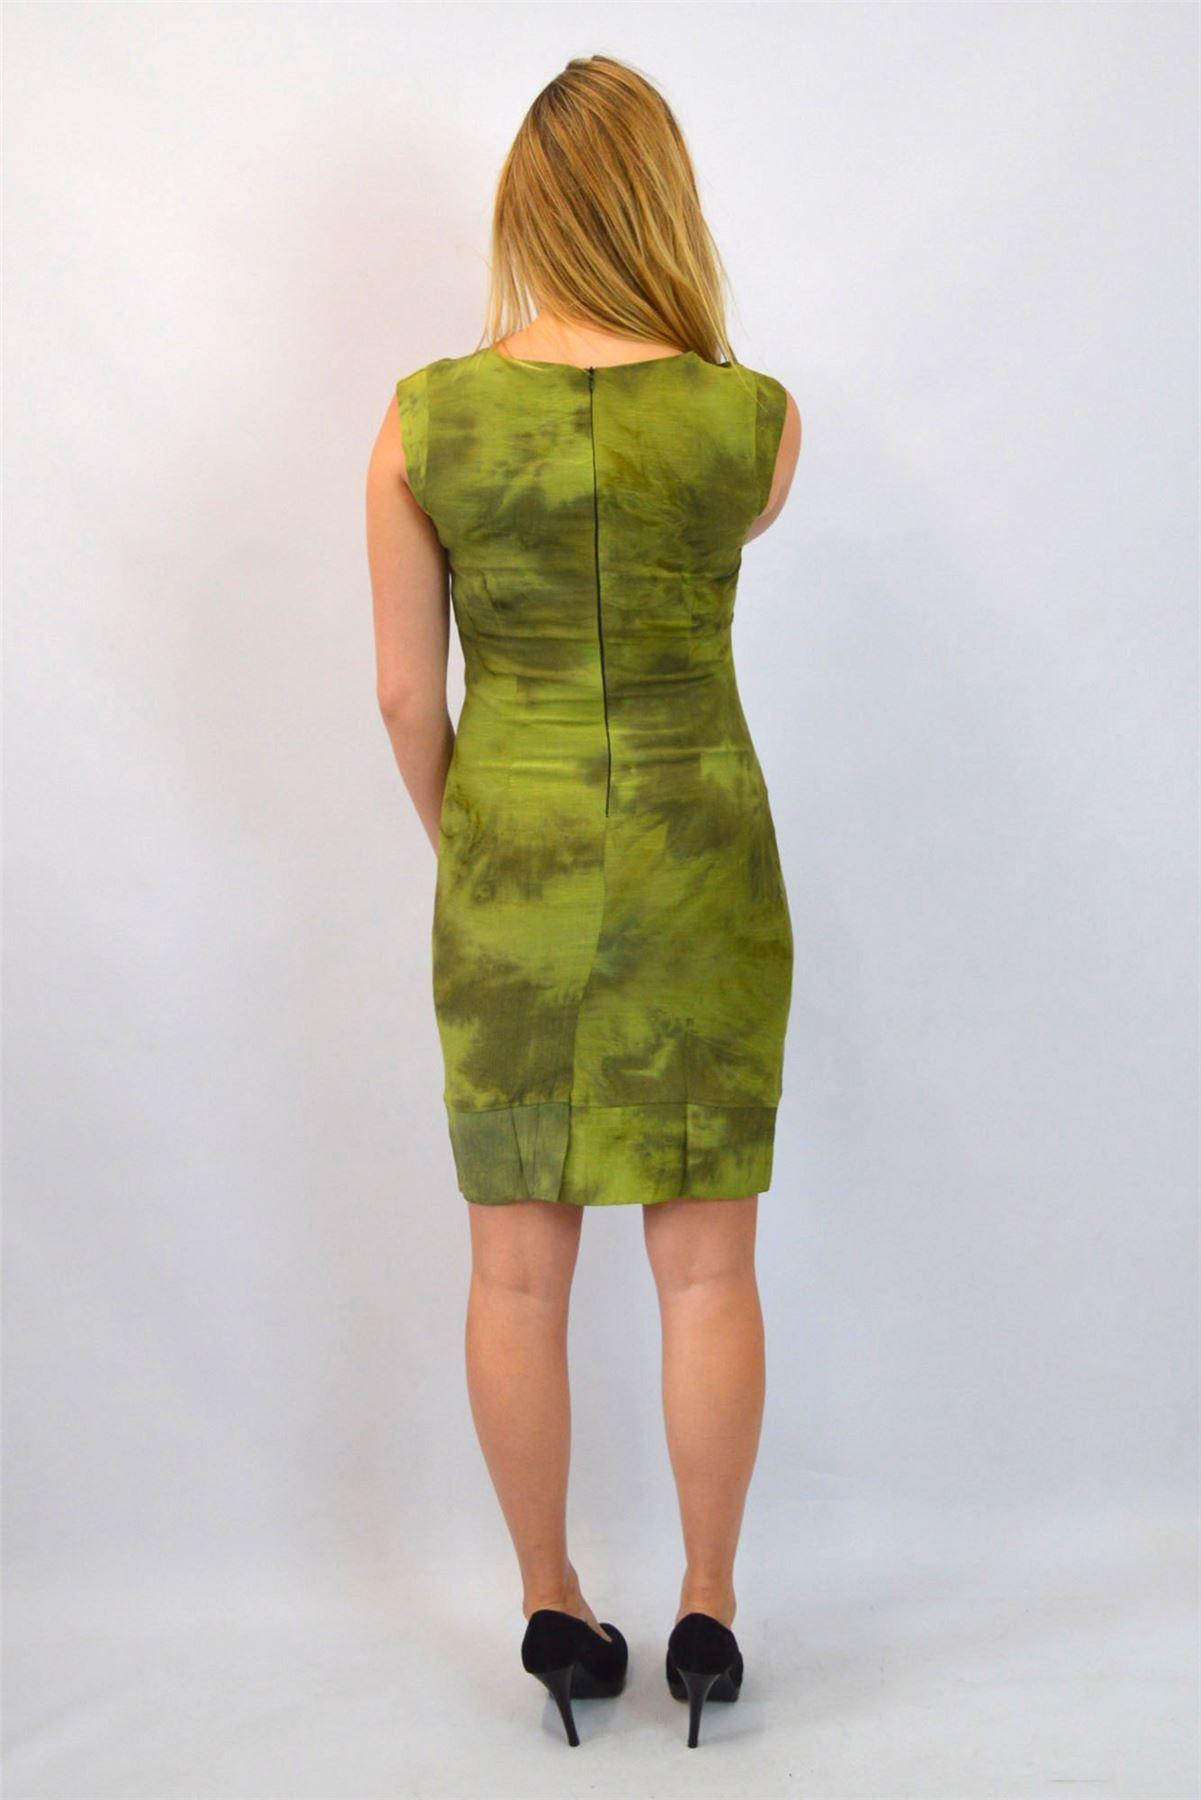 Silk-Blend-Mottled-Print-Lined-Sleeveless-Work-Dress-from-Office